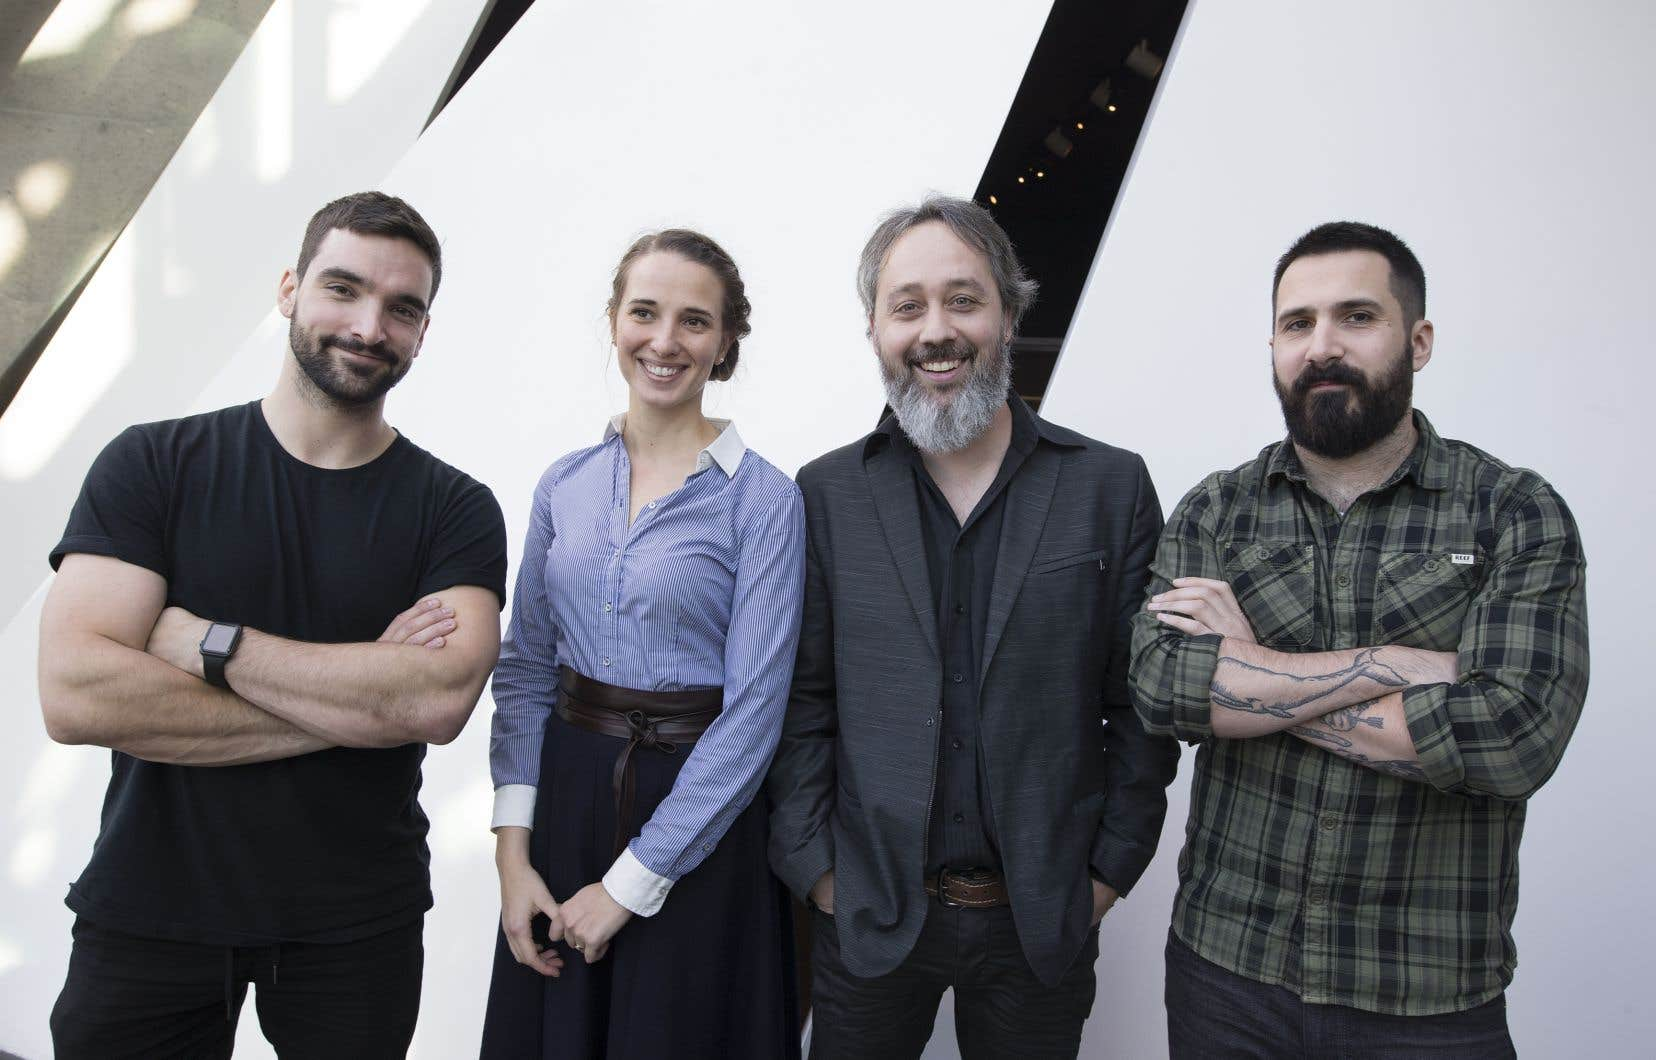 Les finalistes du Prix littéraire des collégiens 2018. De gauche à droite: Jean-Philippe Baril Guérard, Audrée Wilhelmy, Jean-François Caron et Stéphane Larue. Abla Farhoud était absente lors de la photo.